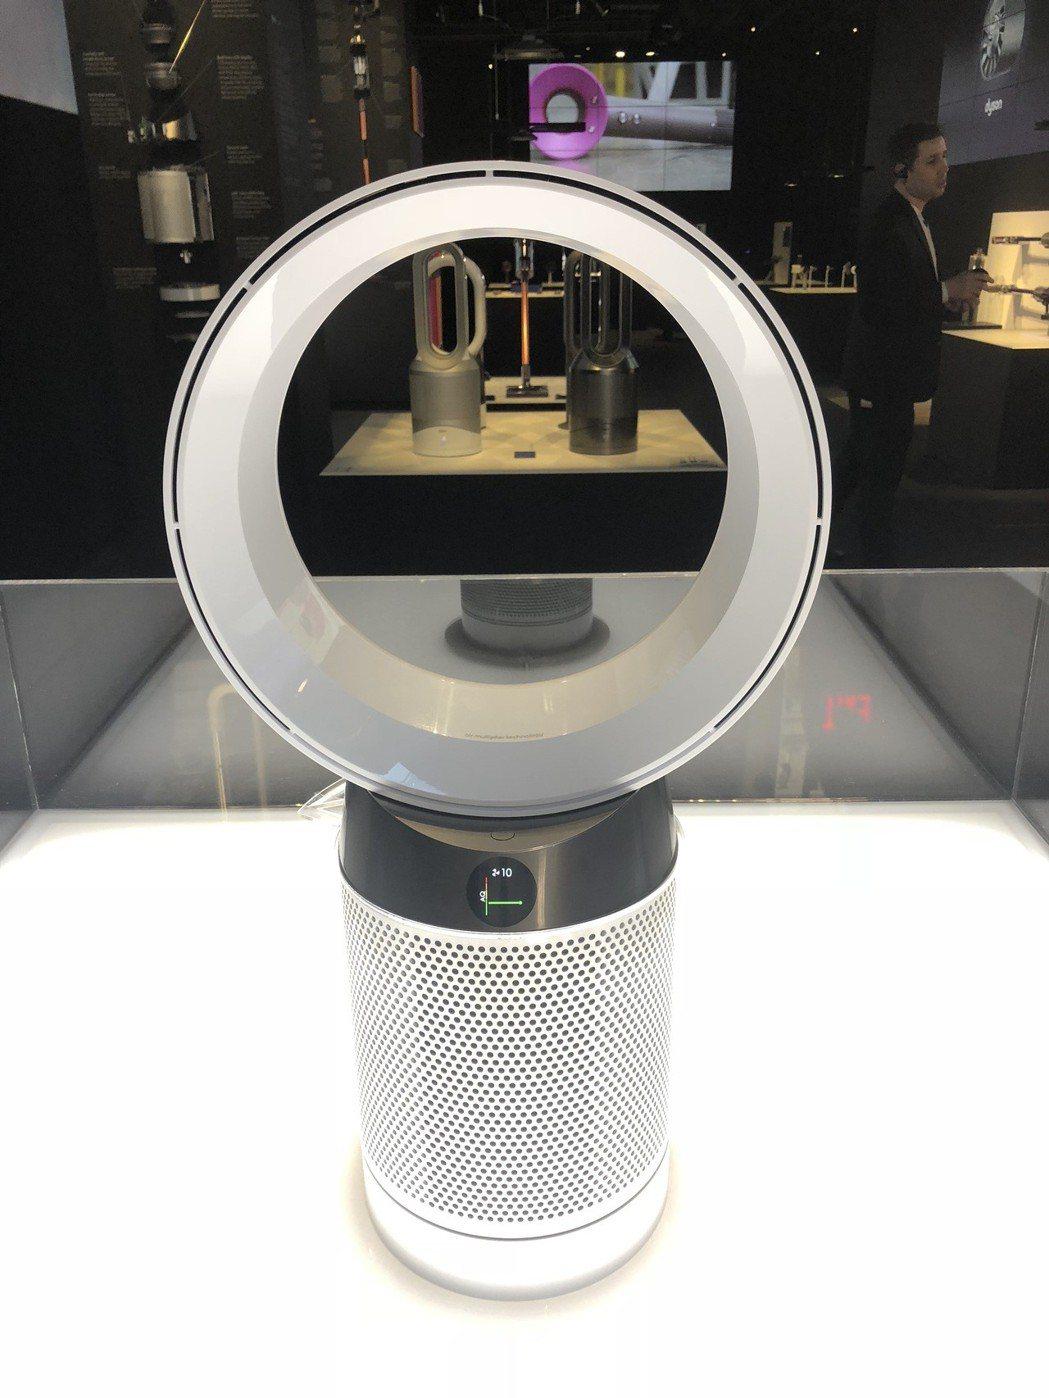 透過機身上的LCD螢幕,消費者可輕鬆掌握空氣品質燈號狀況。記者黃筱晴/攝影